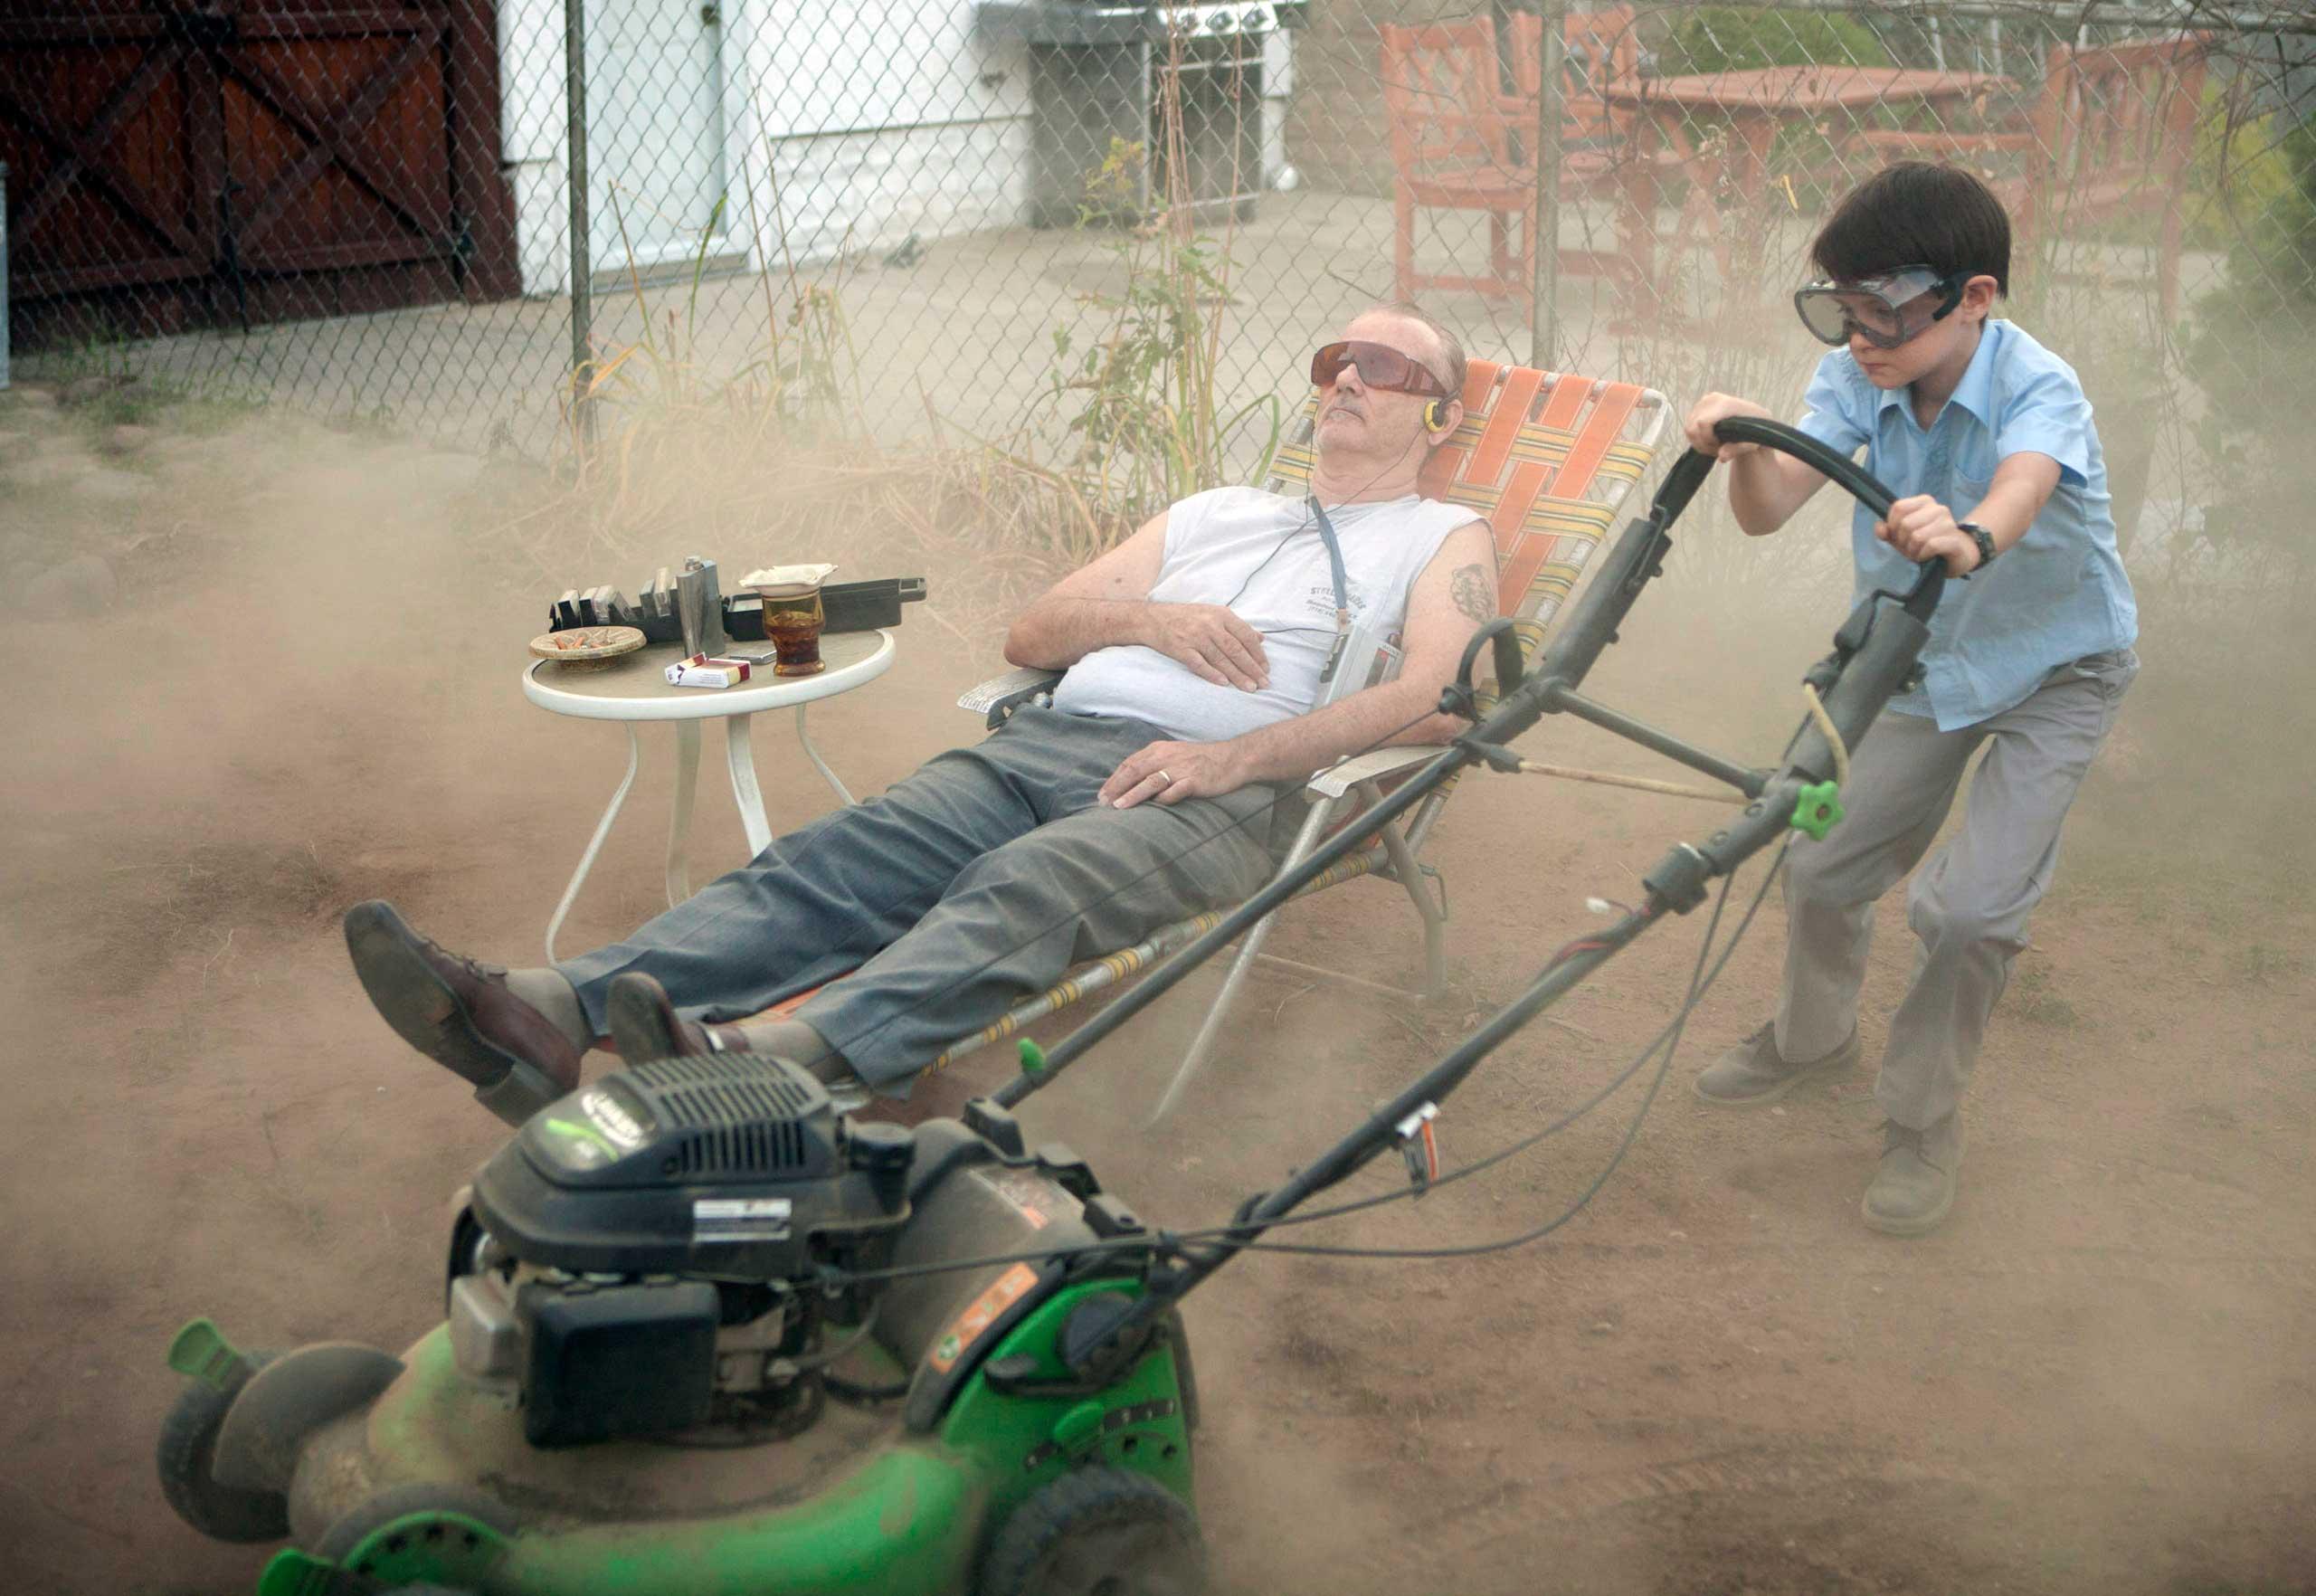 Bill Murray and Jaeden Lieberher star in St. Vincent.